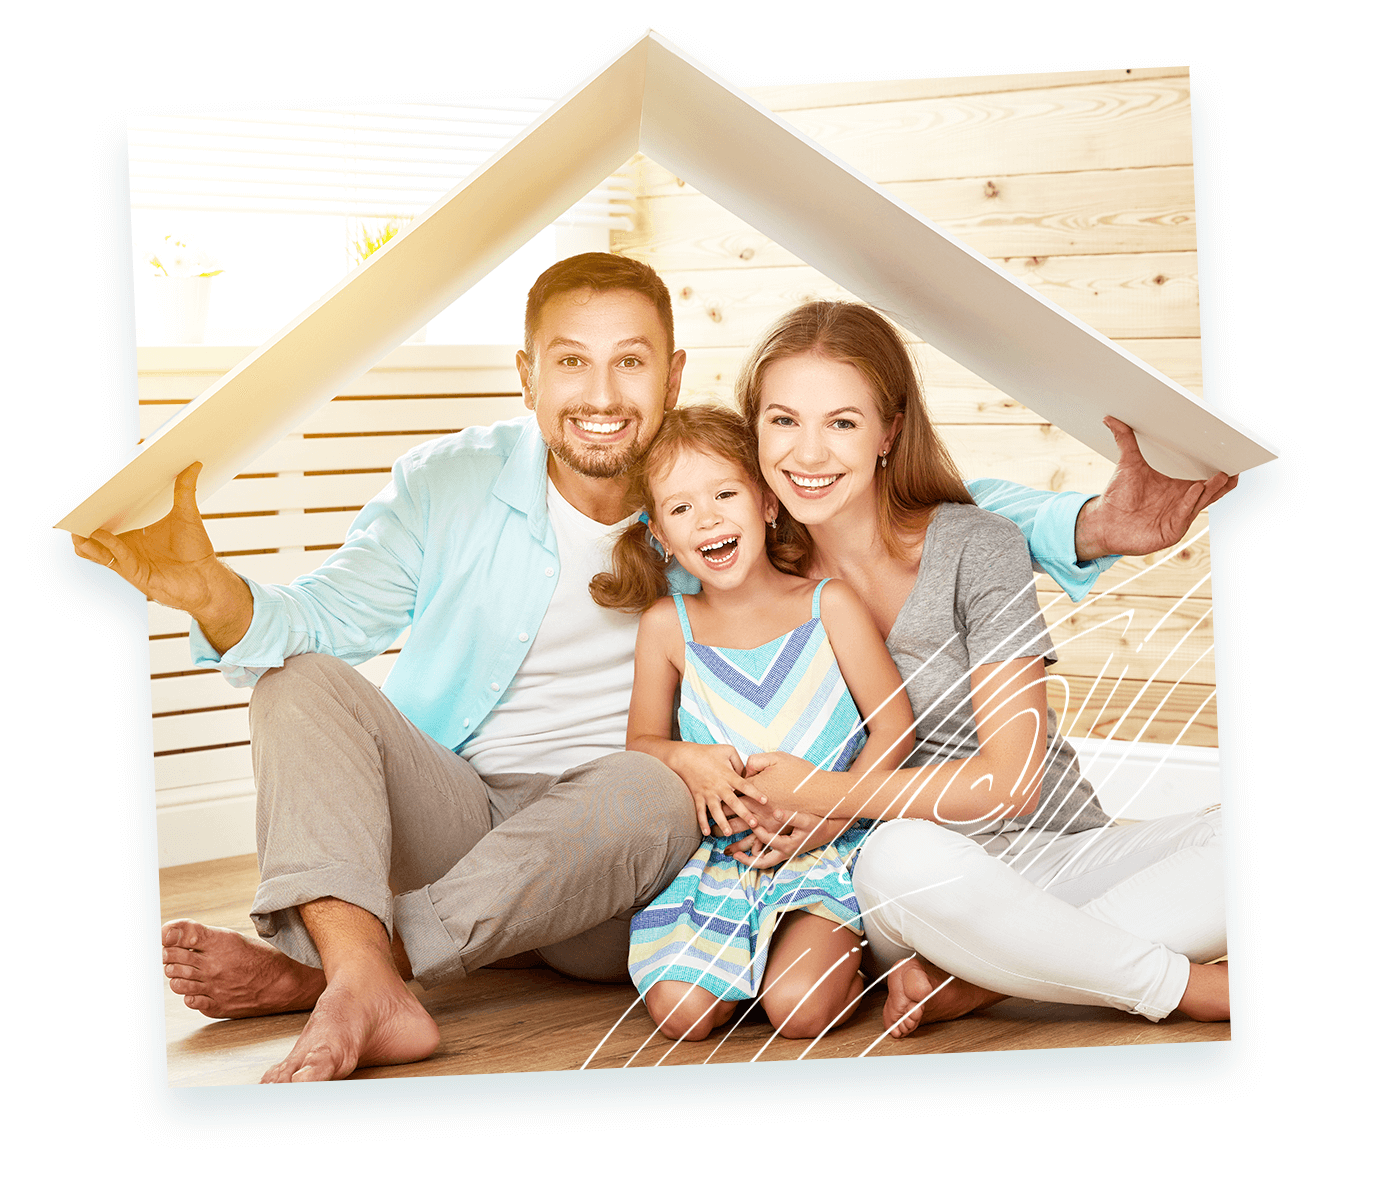 une famille plein sourire qui a trouvé son constructeur de maison en bois